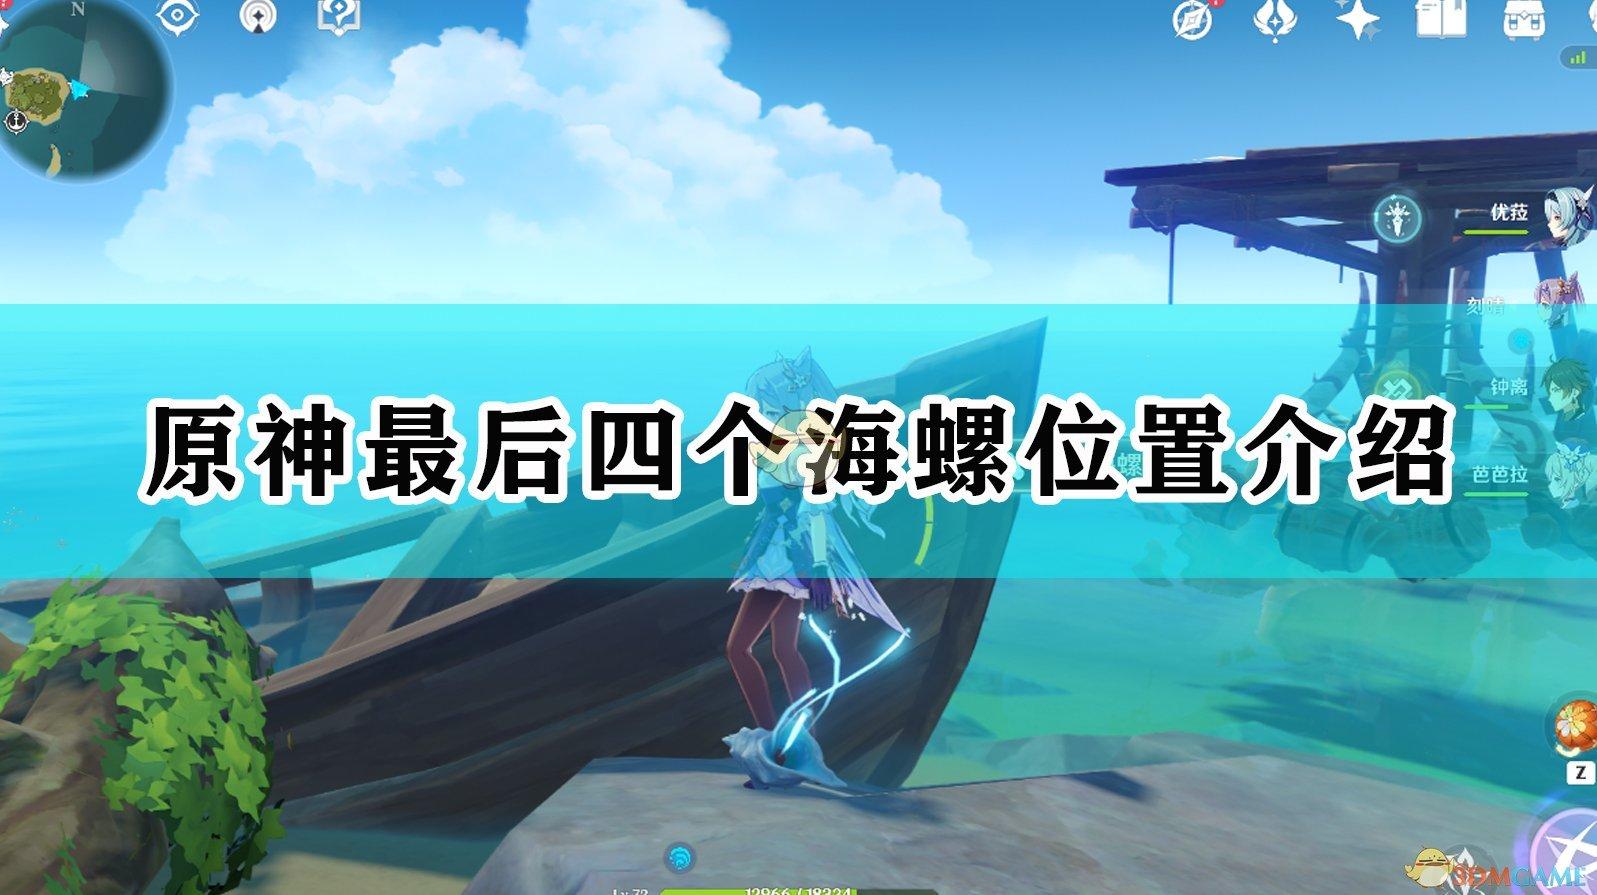 《原神》最后四个回声海螺位置介绍